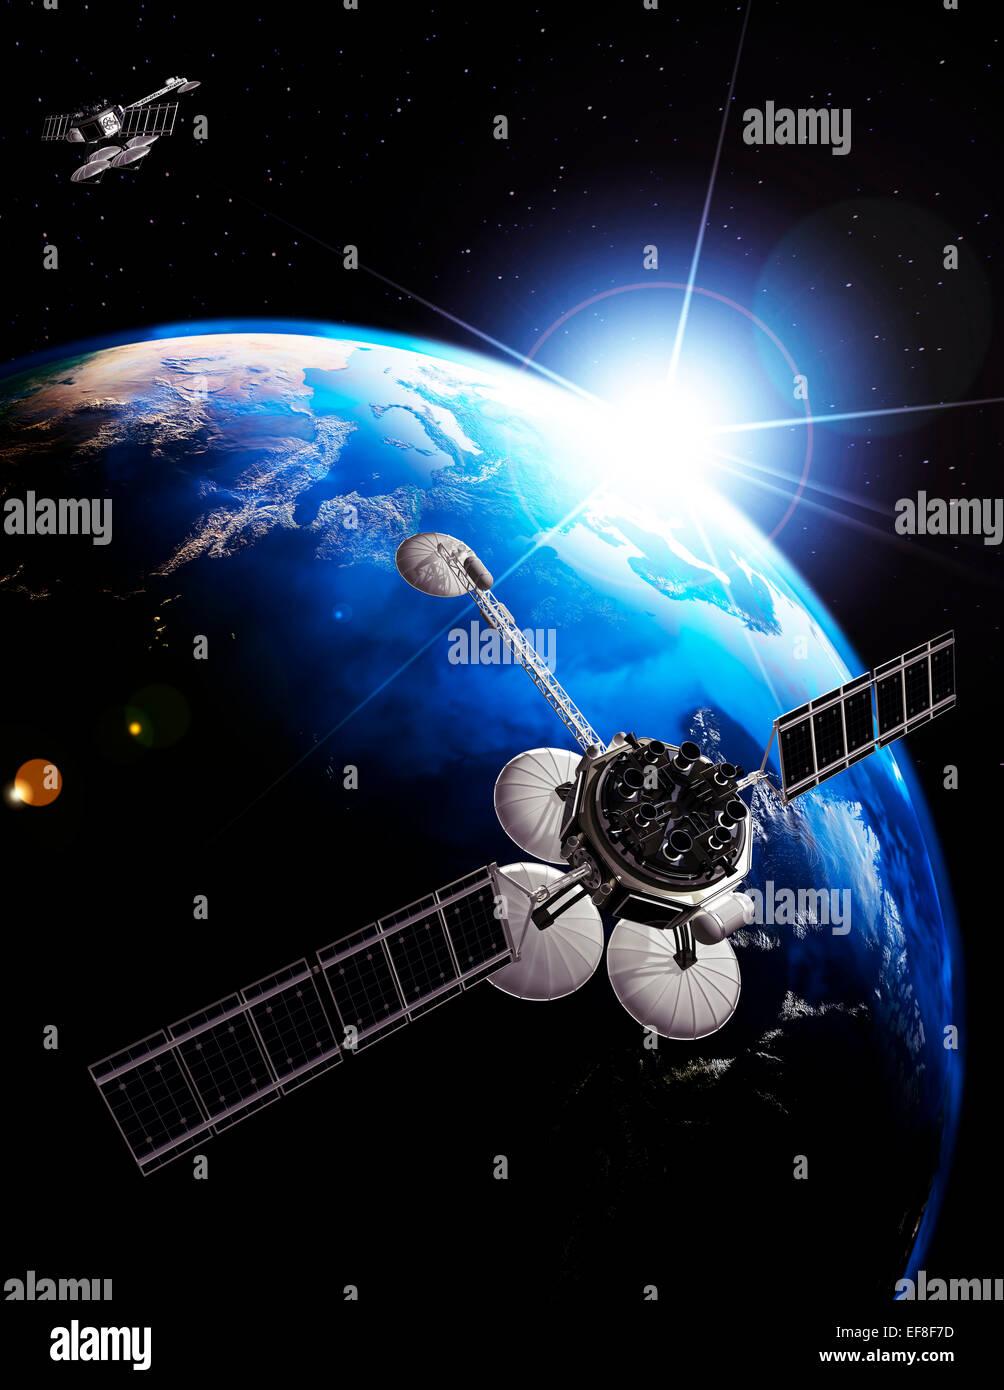 Los satélites de comunicaciones sobre la tierra iluminada por el sol naciente. Espacio concepto de telecomunicaciones Imagen De Stock